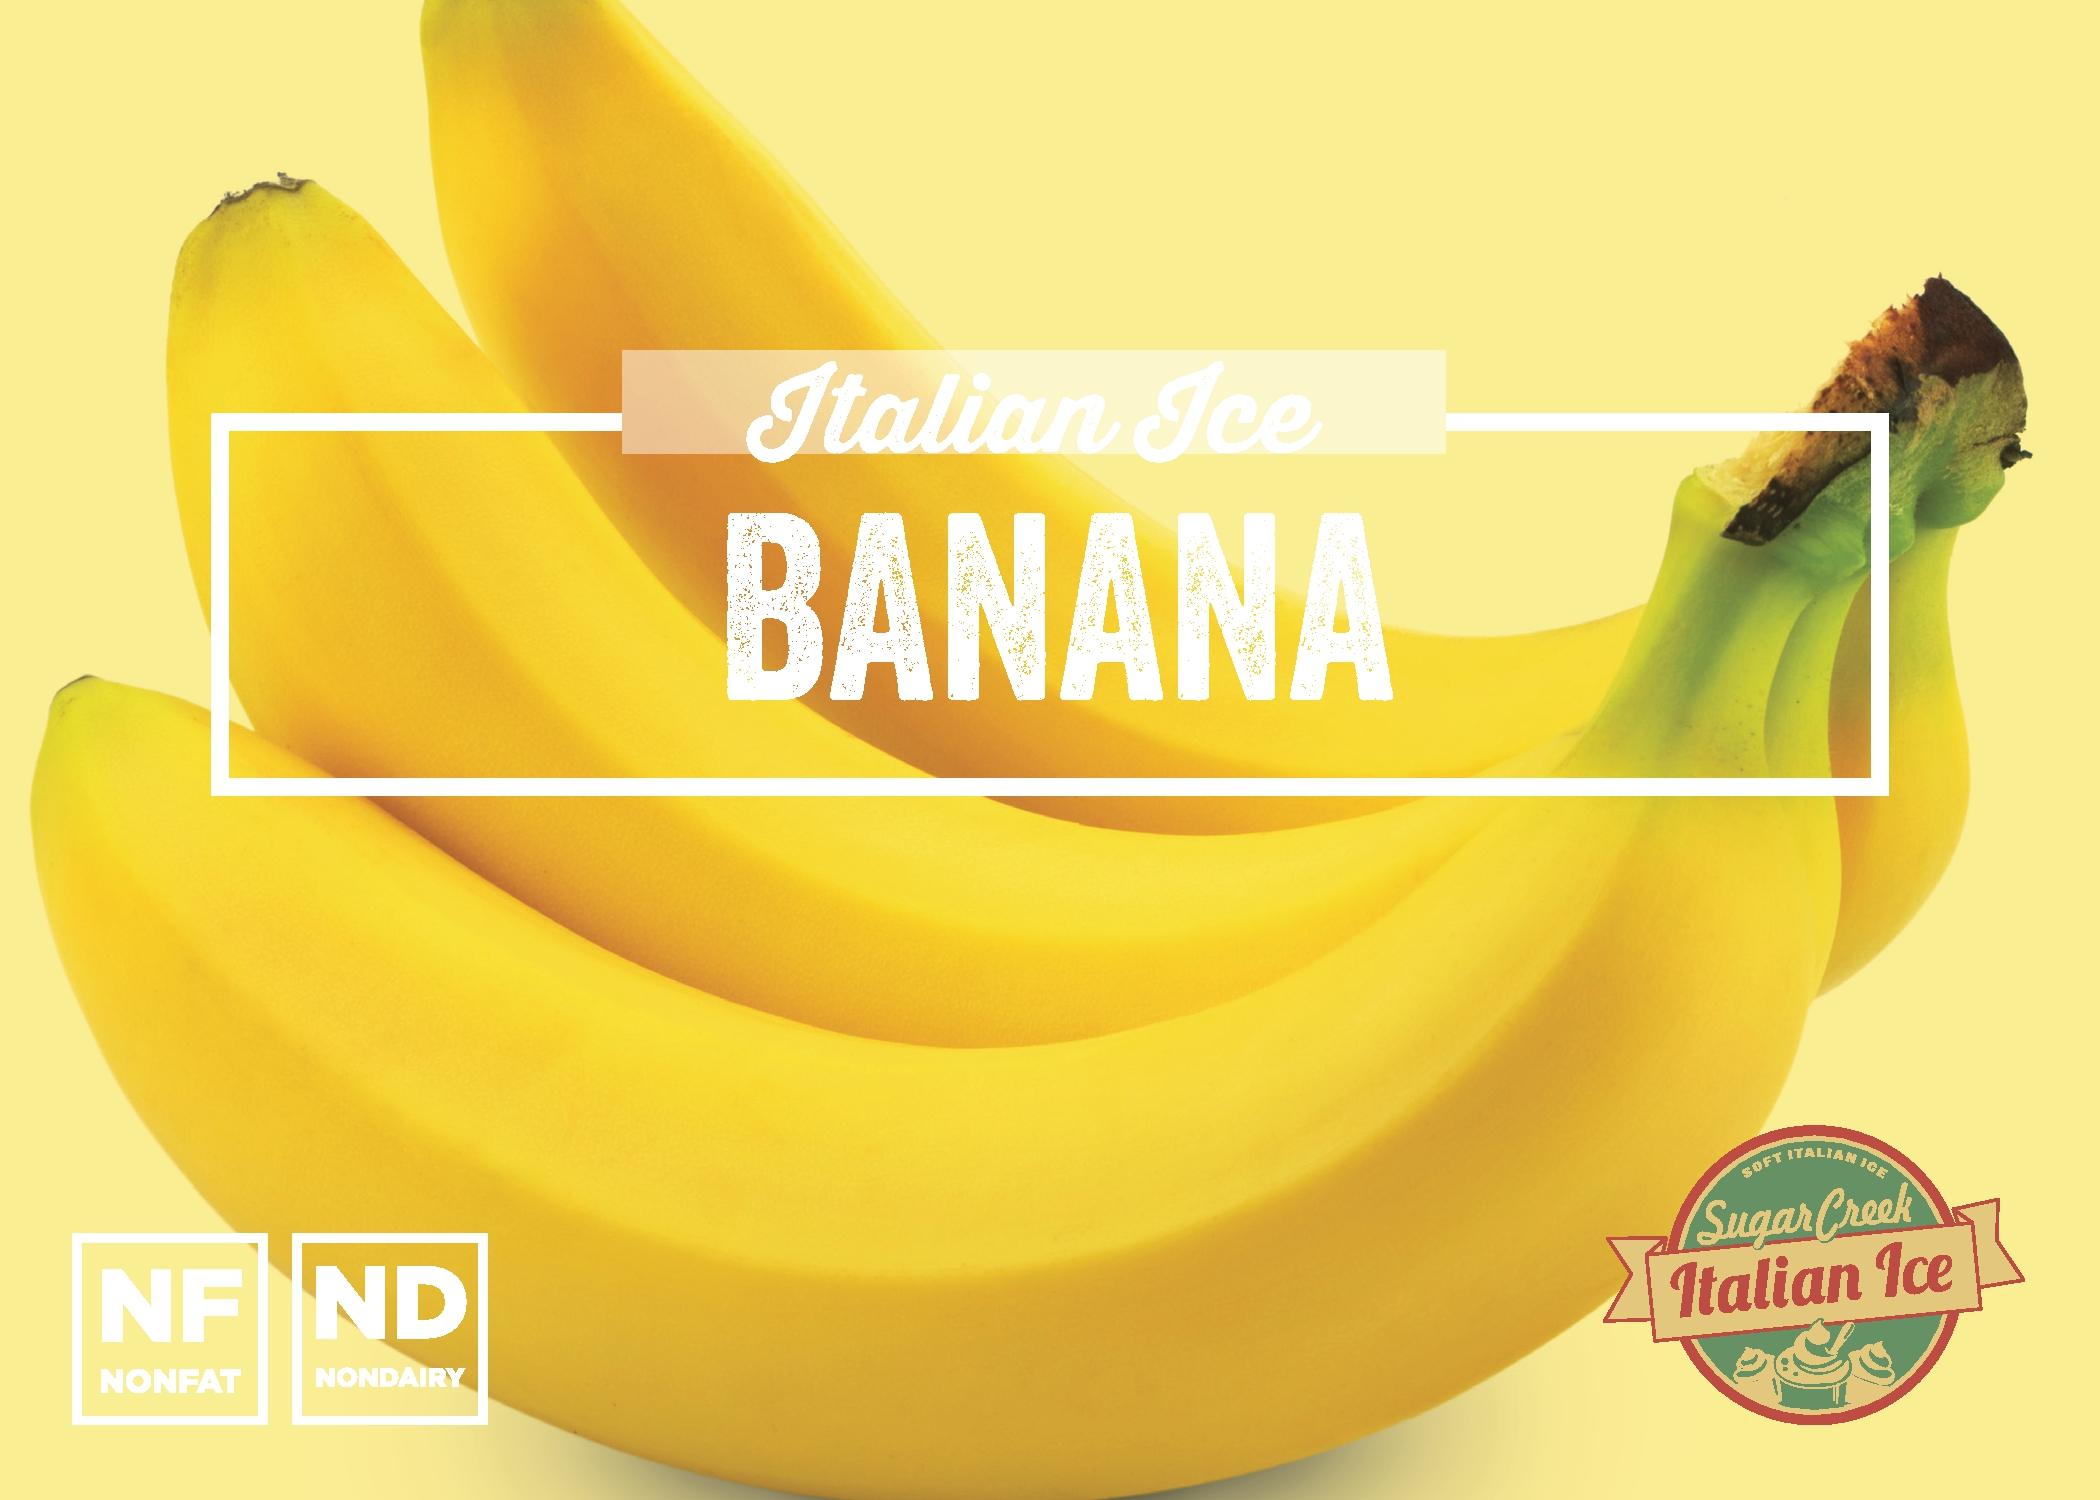 Banana Italian Ice